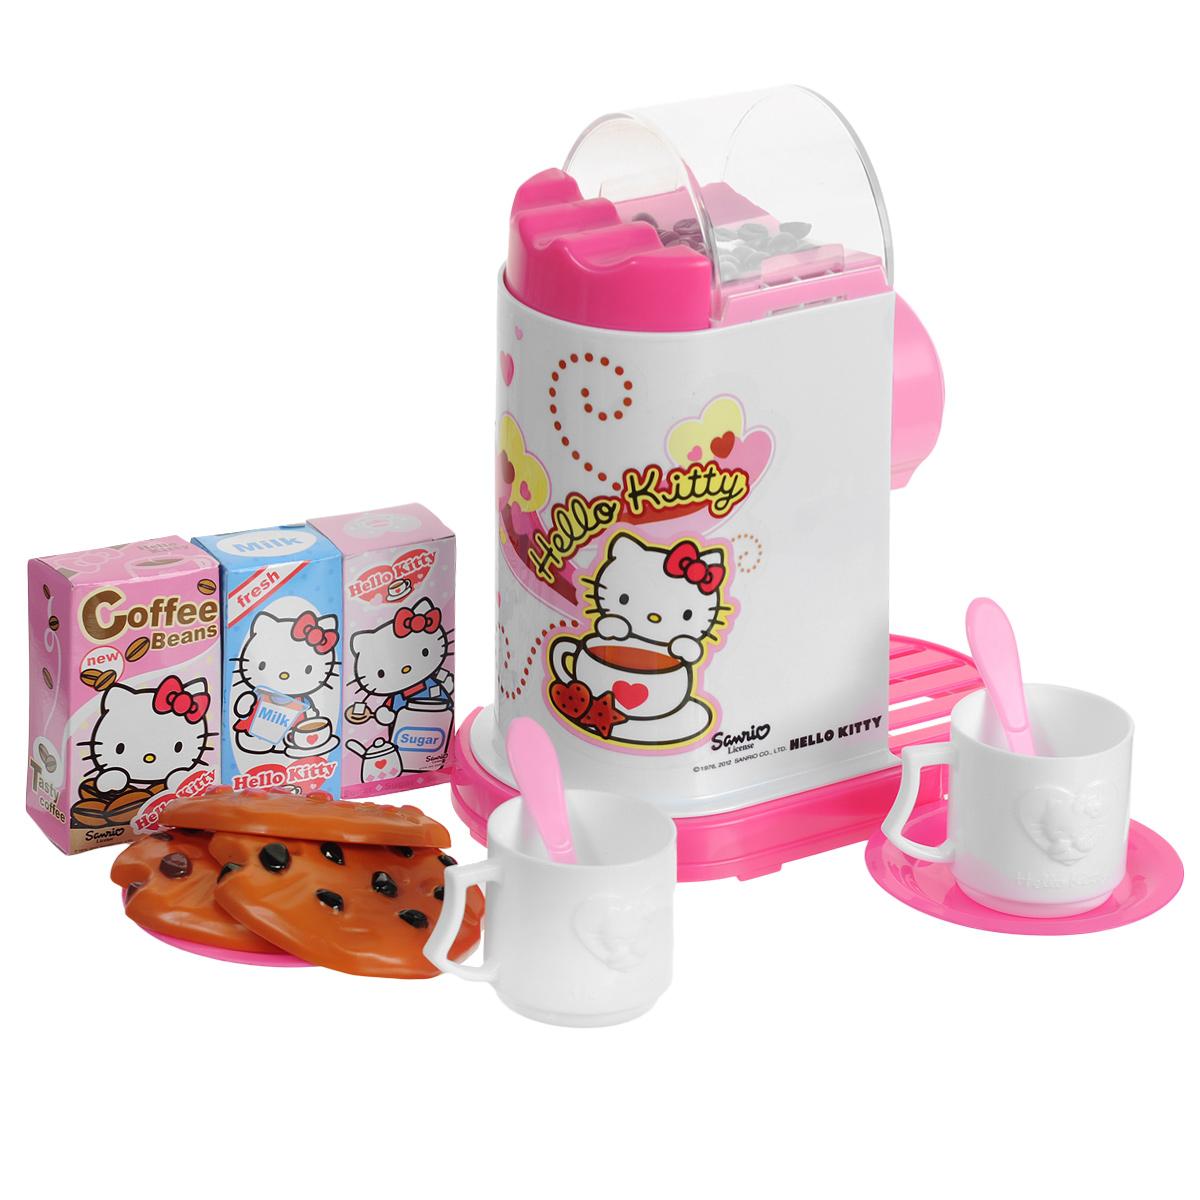 Simba Игровой набор Hello Kitty. Эспрессо-машина4733328Игровой набор Simba Hello Kitty. Эспрессо-машина привлечет внимание вашего малыша и не позволит ему скучать. Набор включает в себя эспрессо-машину, 3 печенья, 3 коробочки кофе, молока и сахара, 2 чашки, 2 ложки и 2 блюдца. Игрушечная эспрессо-машина очень похожа на настоящий кухонный прибор! Она предназначена для варки кофе. В верхней ее части в прозрачном отсеке находятся кофейные зерна, начинающие подпрыгивать при нажатии большой кнопки рядом с отсеком. На корпусе расположены четыре кнопки, три из которых воспроизводят звуки работающей кофеварки, а одна - фразы всеми любимой кошечки Китти. Дверца эспрессо-машины открывается, внутрь можно поместить чашку. С таким набором ваша малышка сможет приготовить вкусный кофе для своих игрушек. Игрушечная бытовая техника не только развлекает ребенка, но и знакомит его с правилами использования электроприборов. Порадуйте его таким замечательным подарком! Рекомендуется докупить 3 батарейки напряжением 1,5V типа...